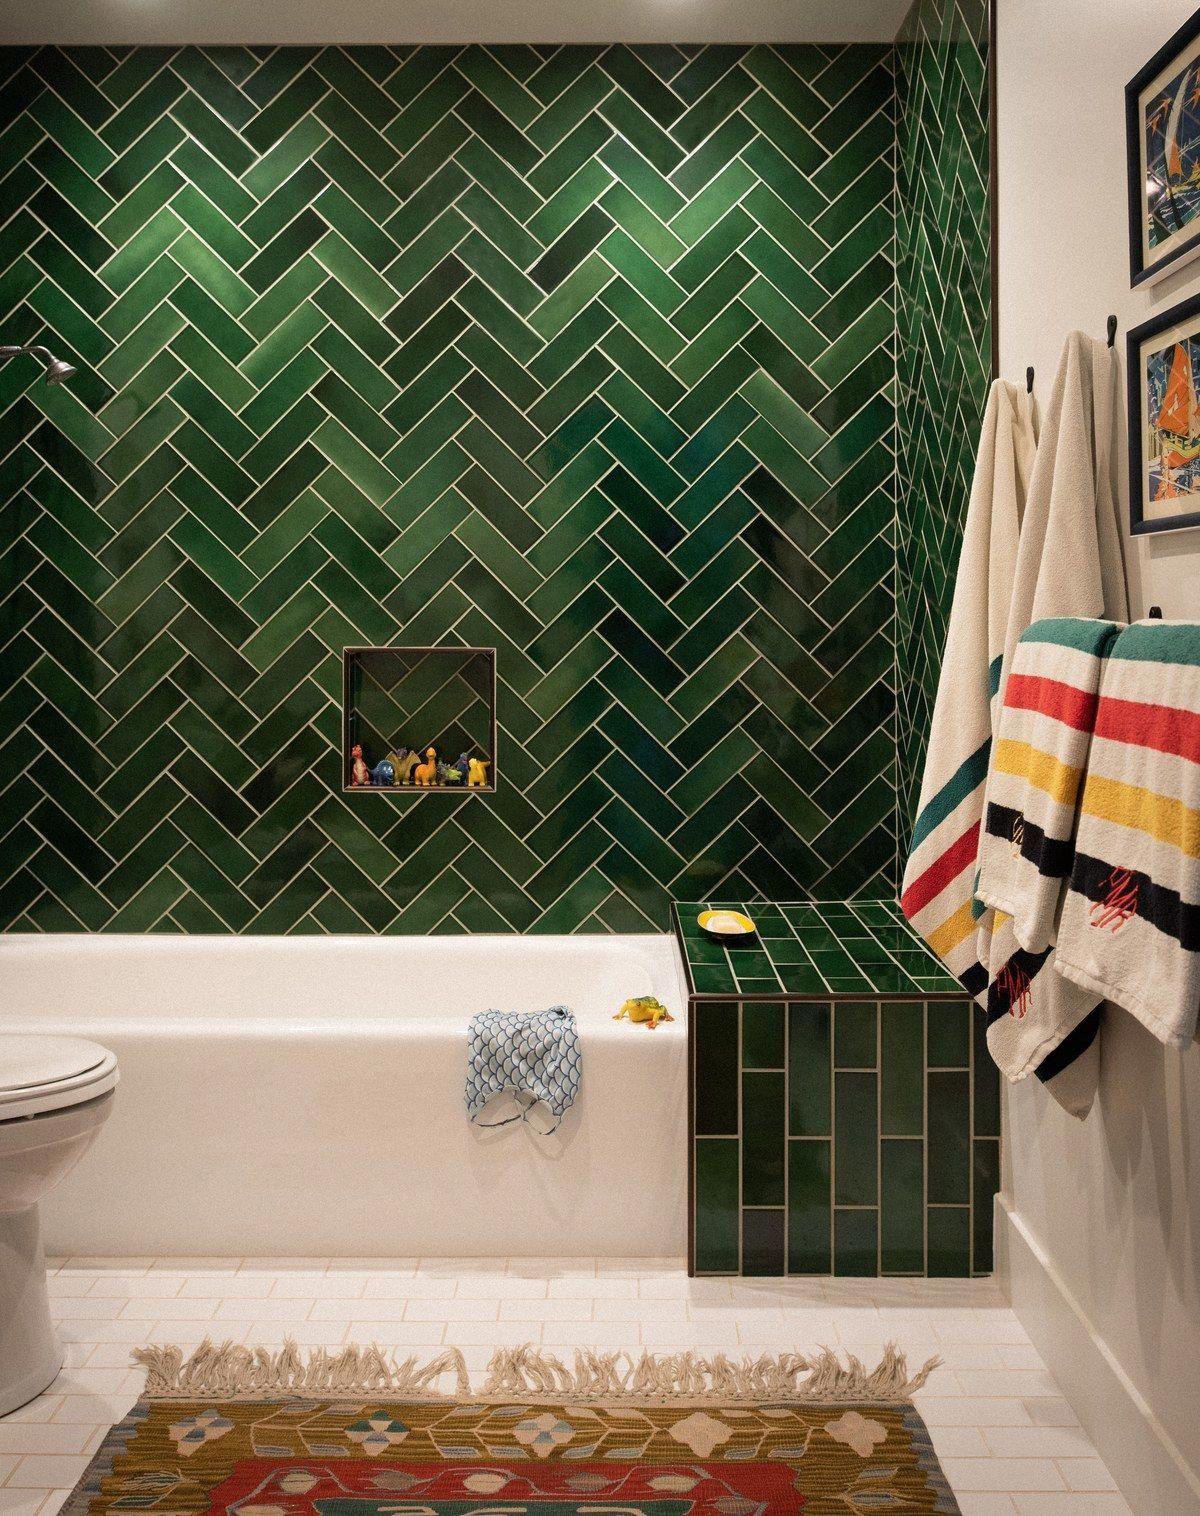 Greenbathroomset Badezimmereinrichtung Badezimmer Grun Badezimmer Innenausstattung